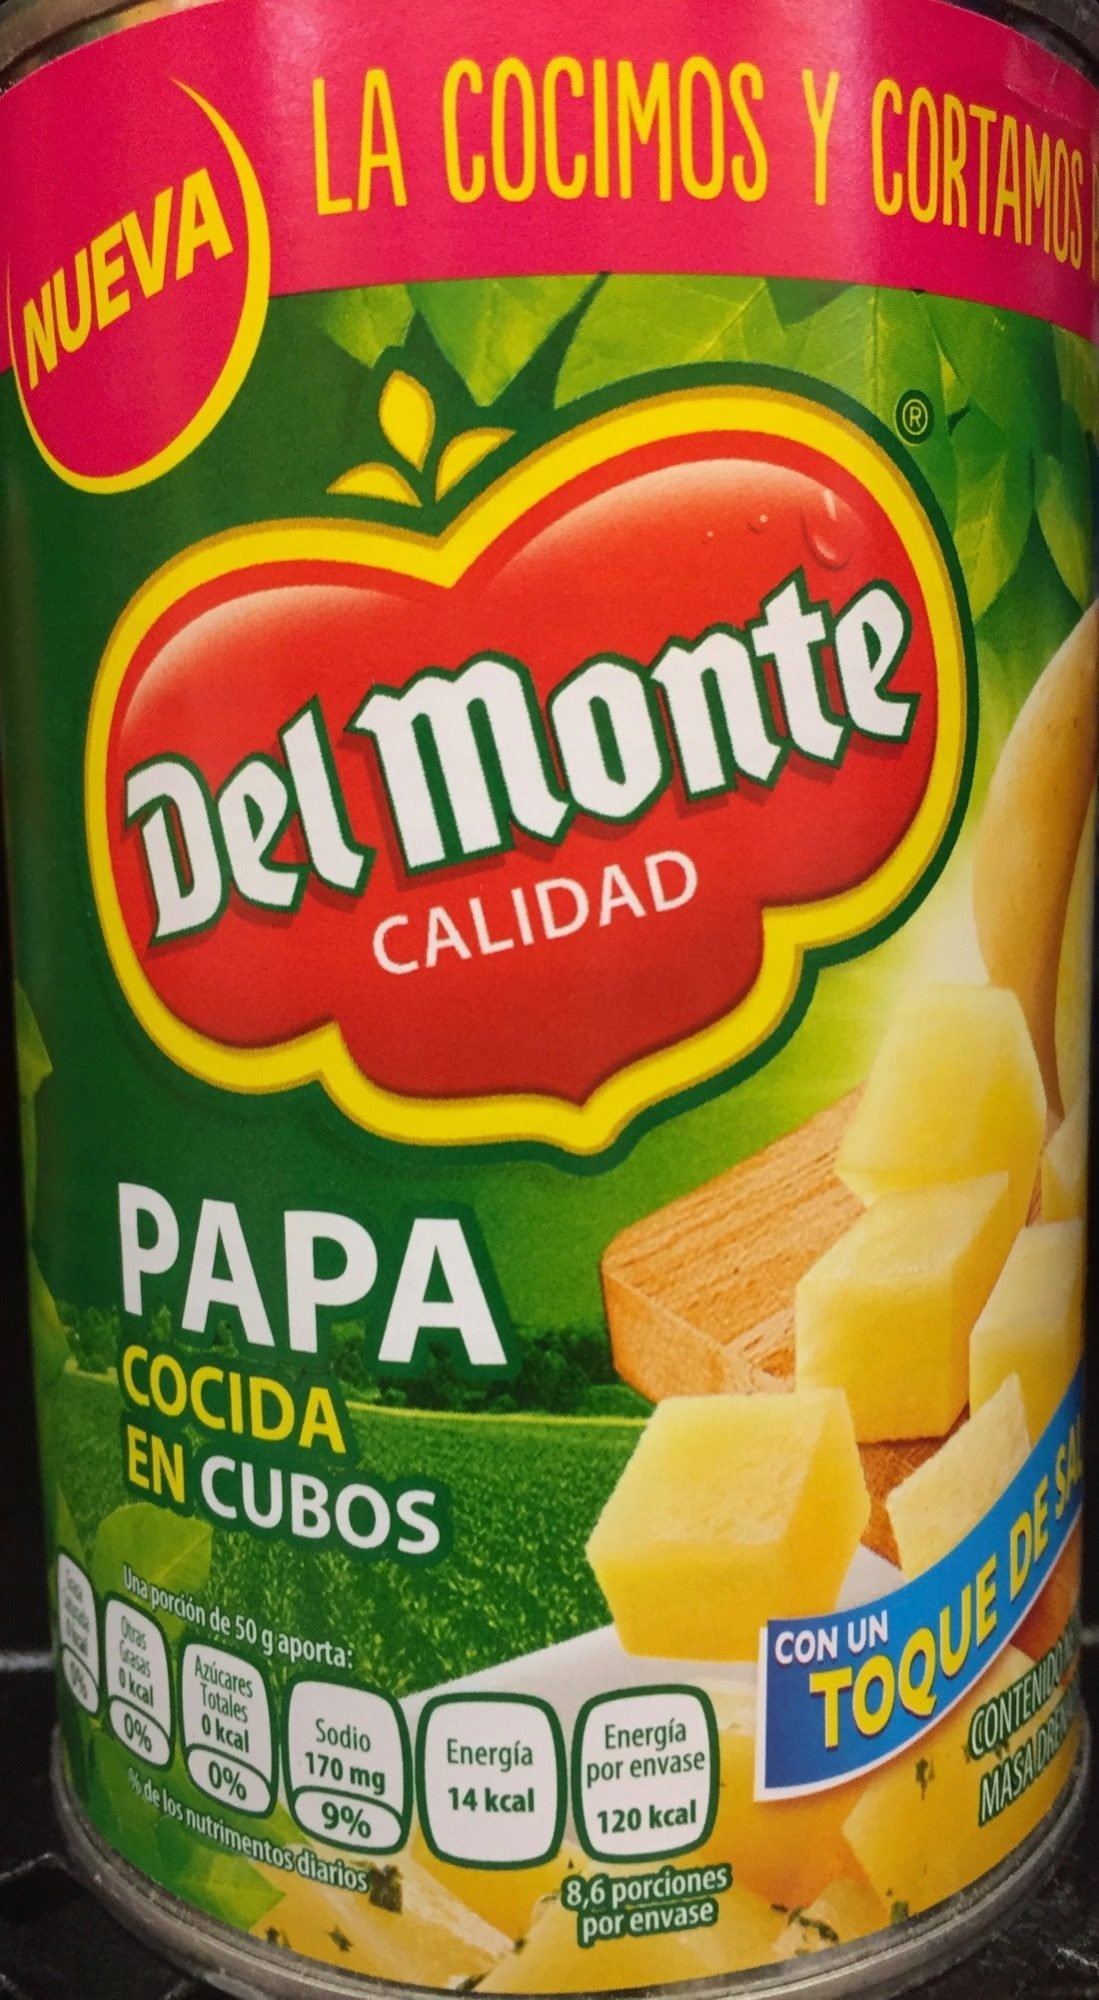 Papa cocida en cubos Del Monte - Produit